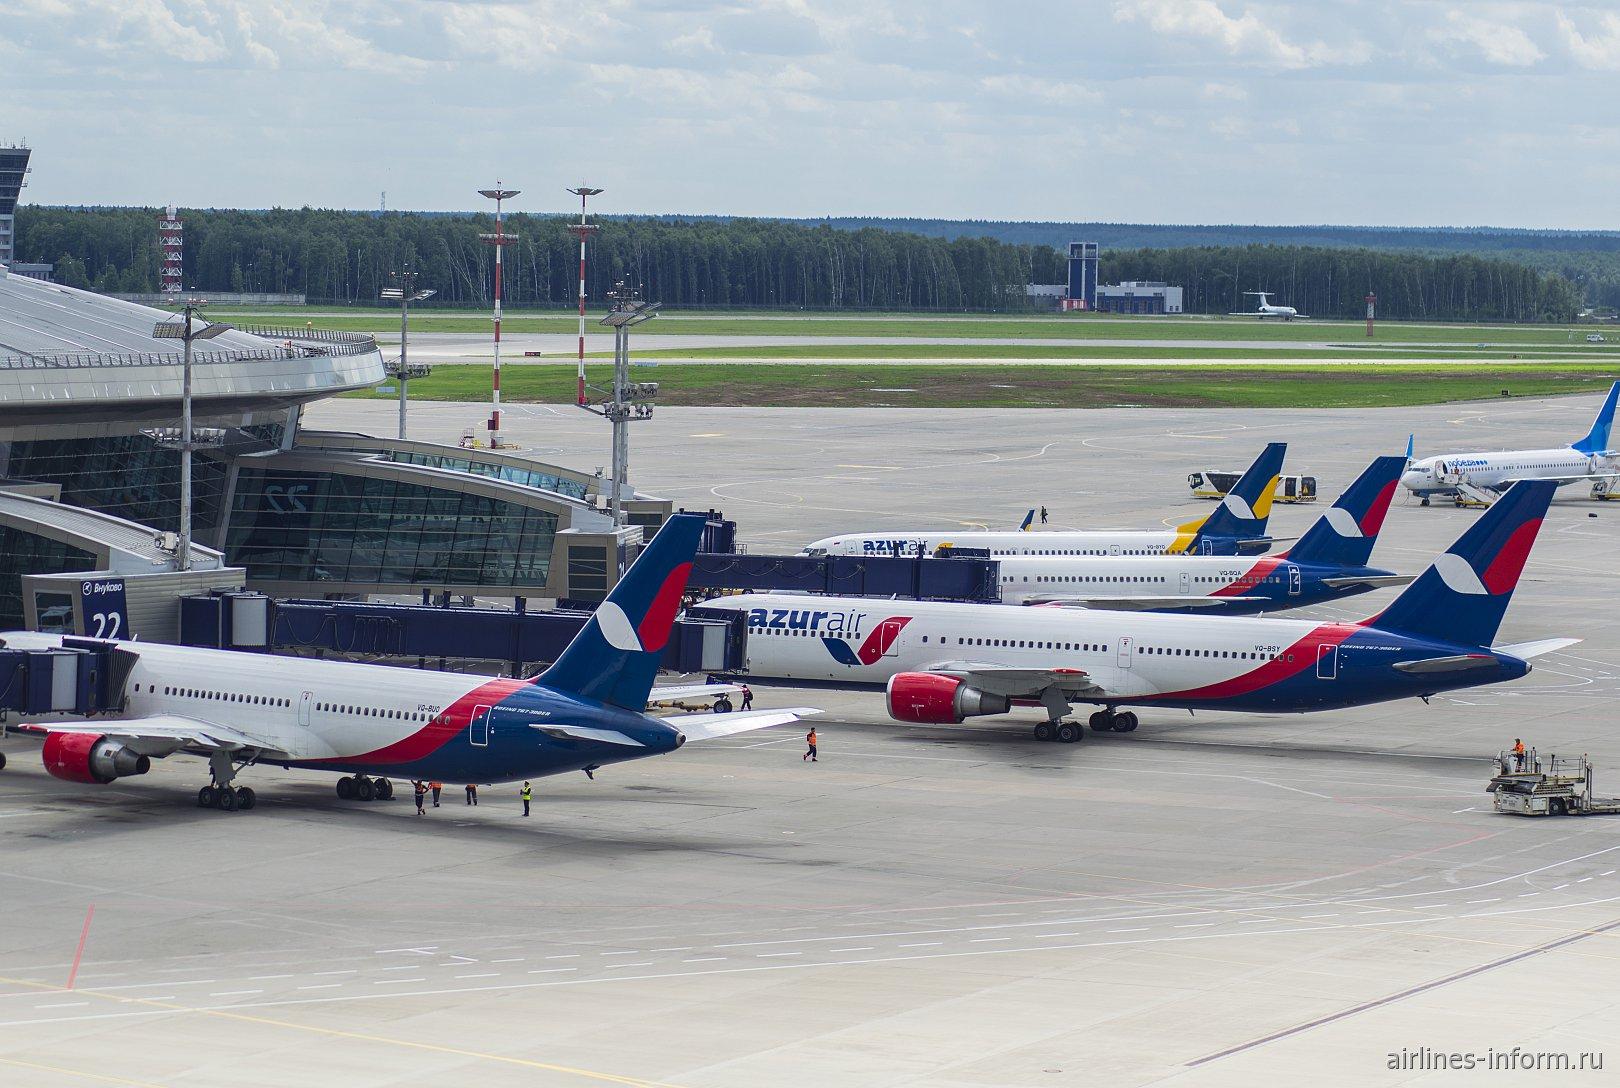 Самолеты авиакомпании Azur Air у пассажирского терминала аэропорта Внуково